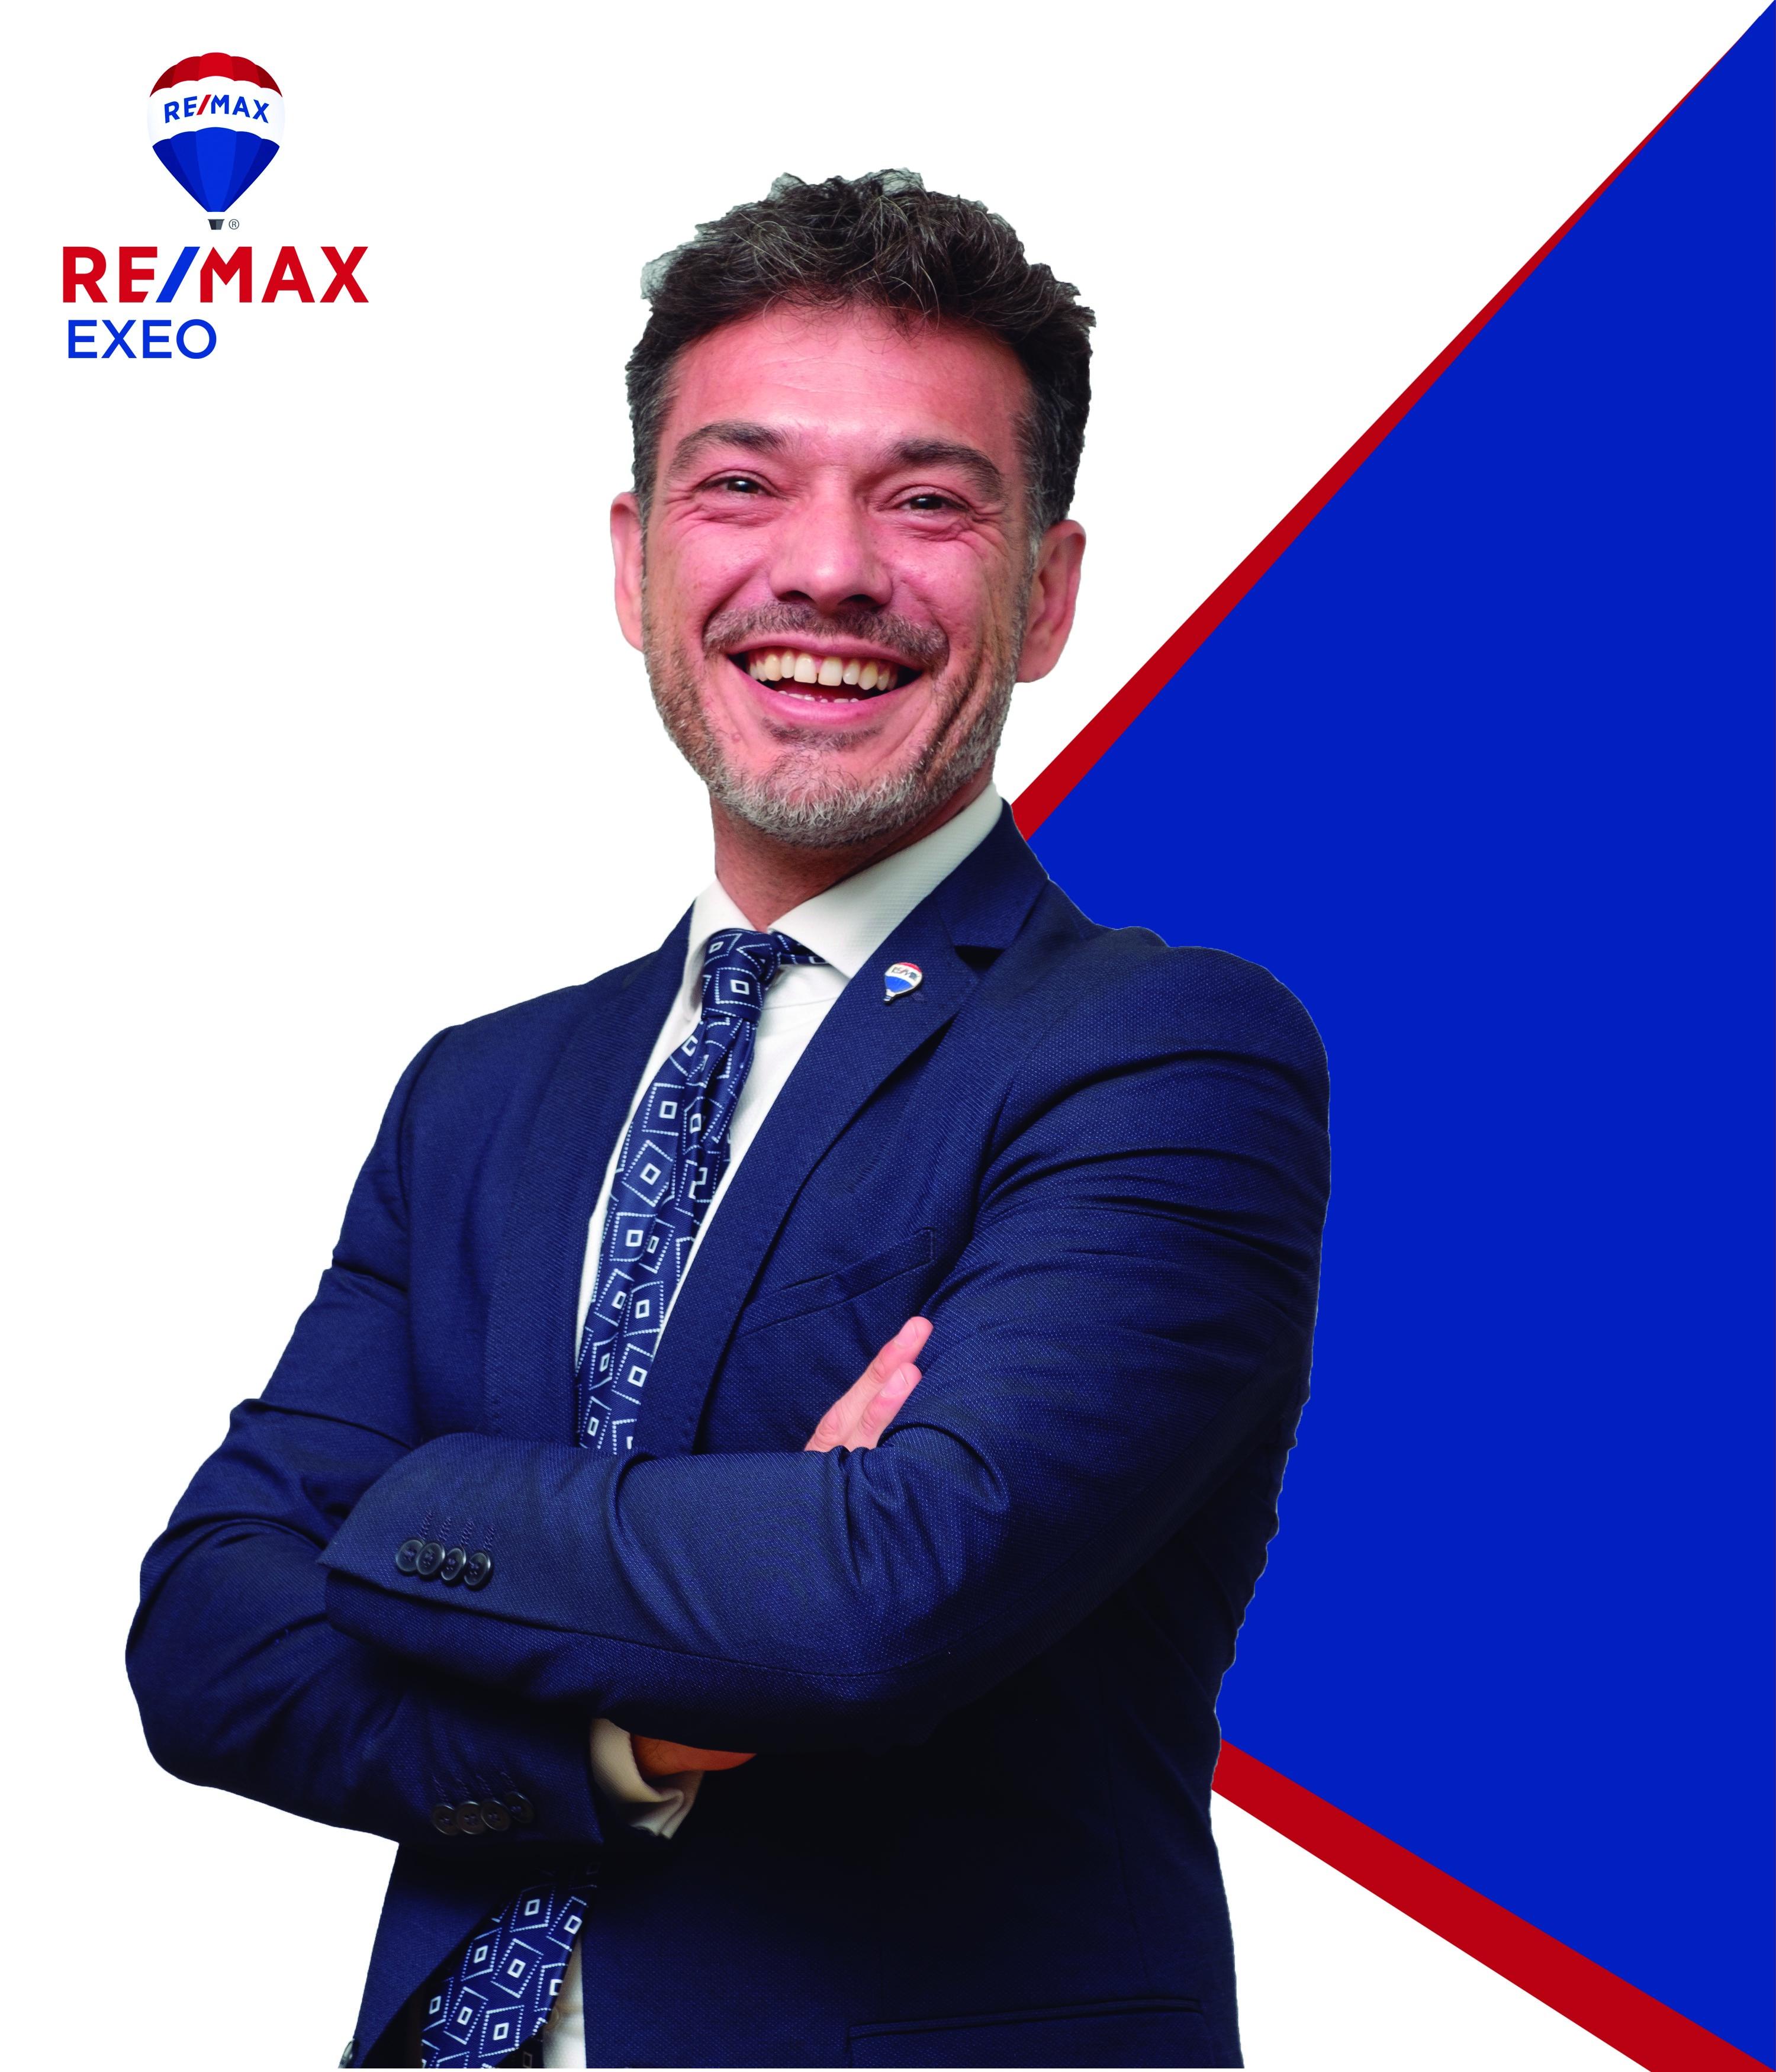 Alberto Martín Domínguez